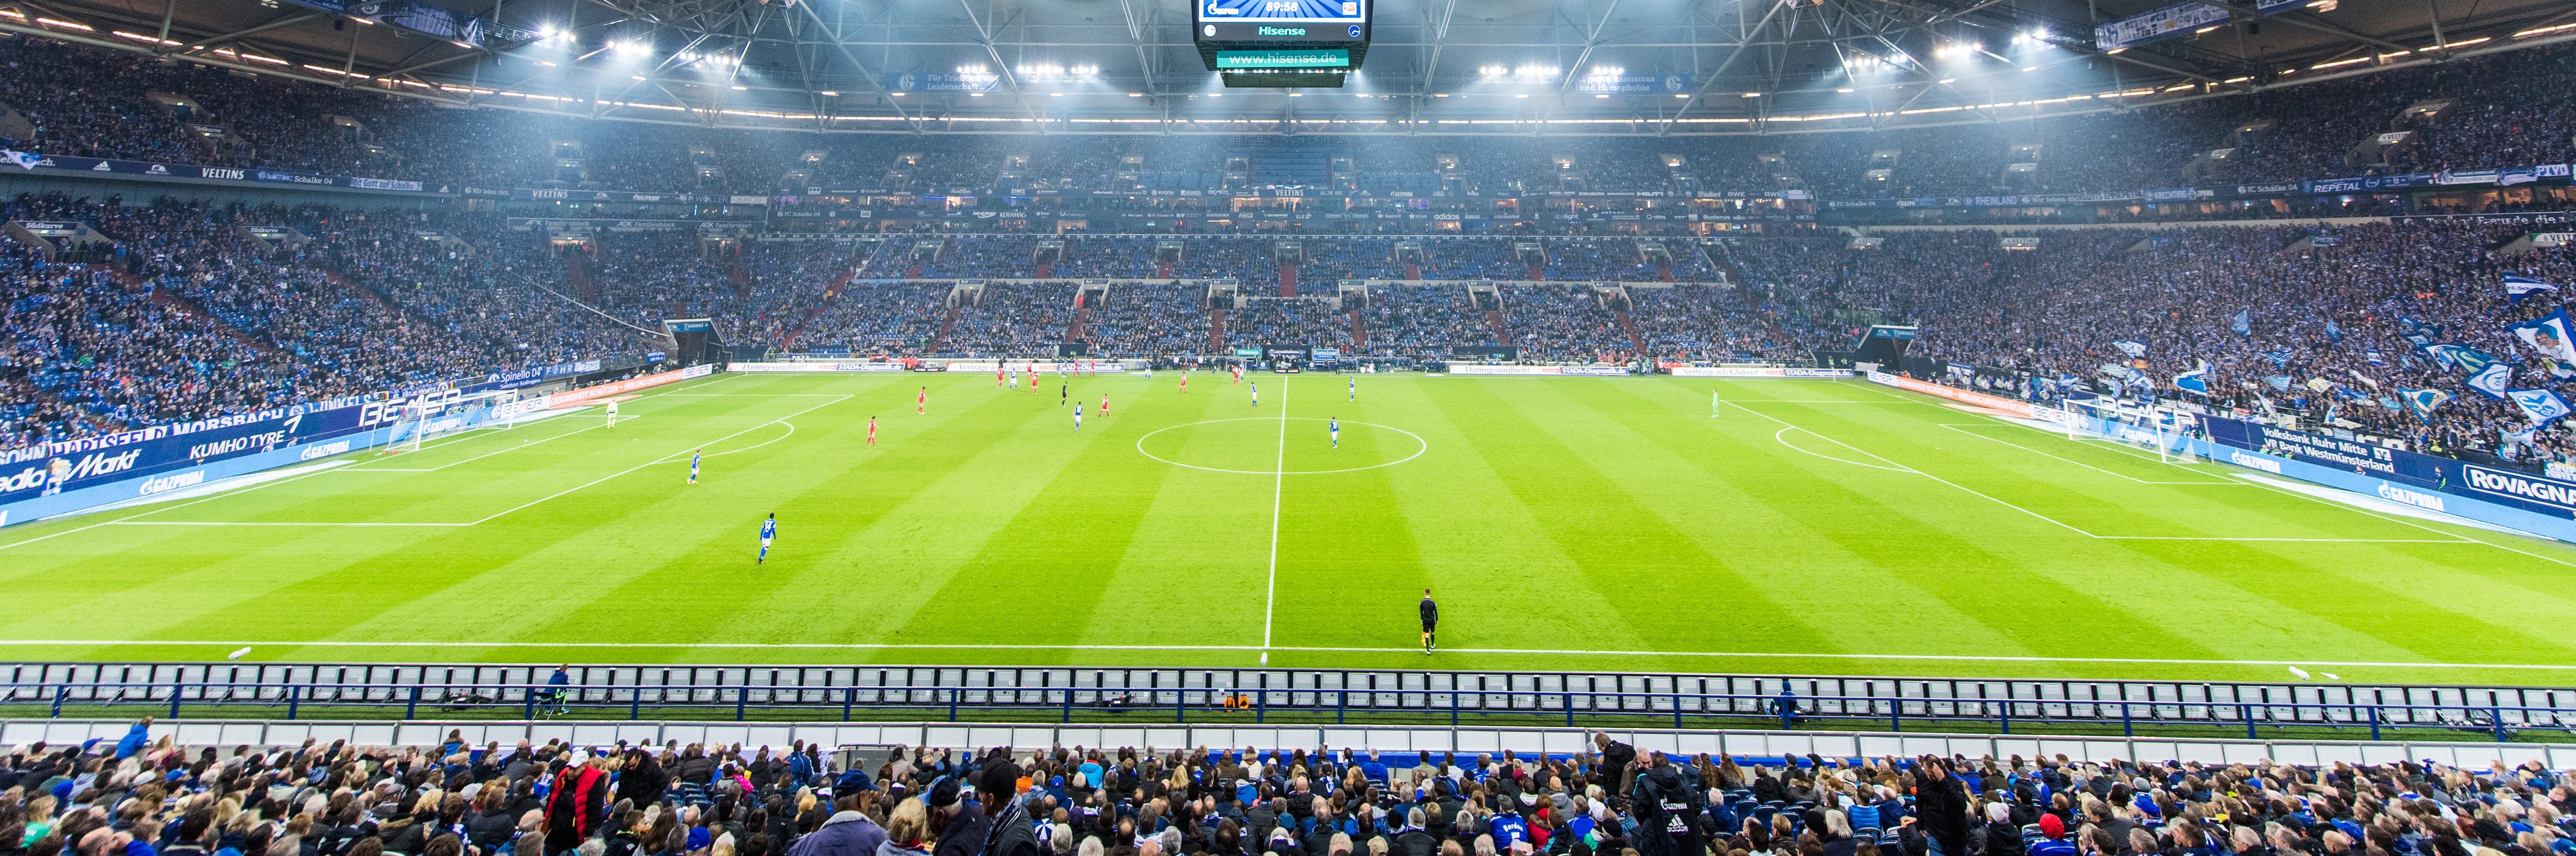 Blick auf das Spielfeld des Stadions von Schalke 04. Man sieht auch einen Teil der Zuschauer auf den Tribünen. Das Flutlicht ist an.